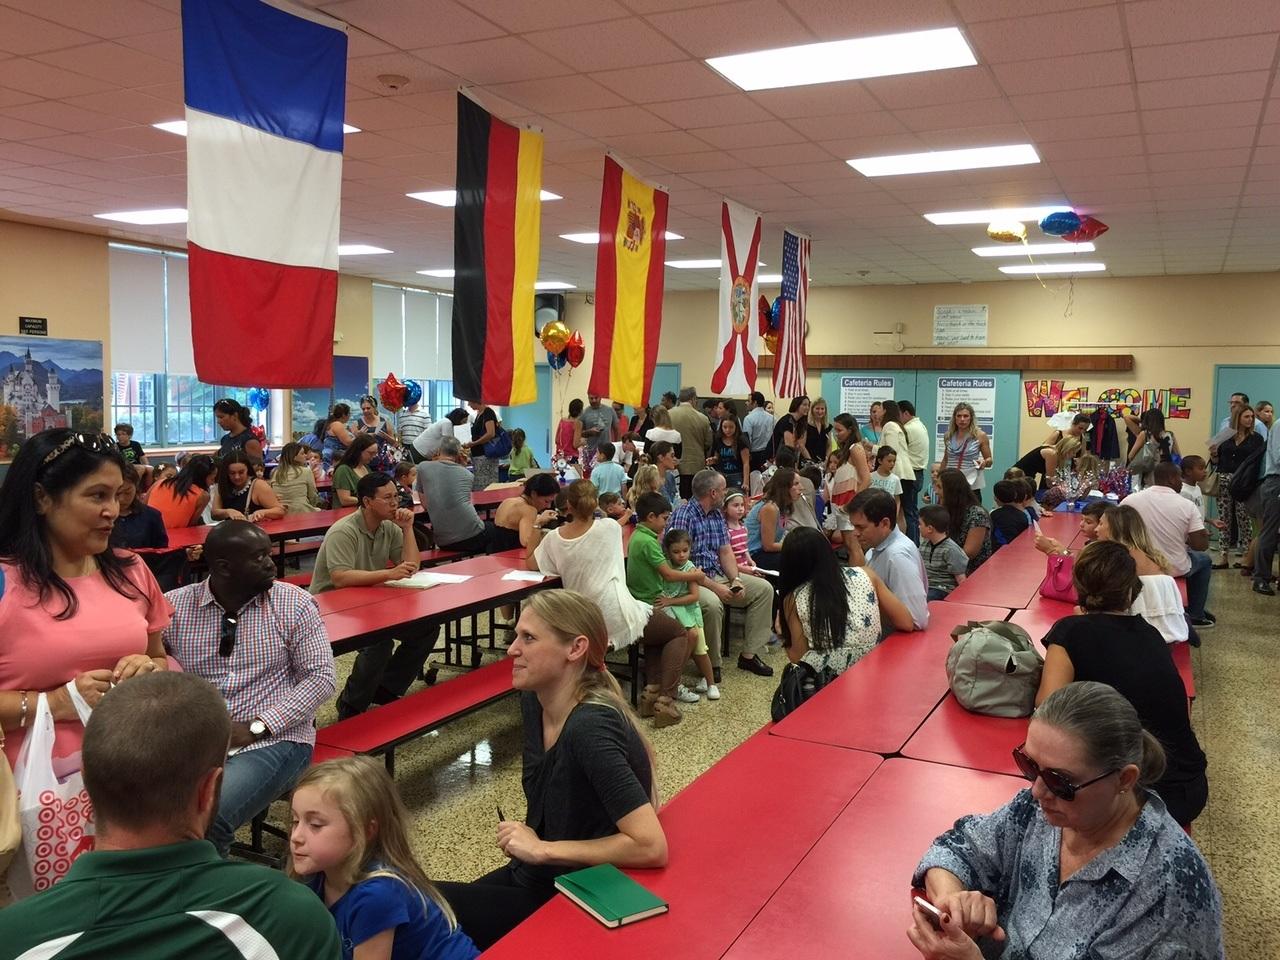 La journée d'orientation pour les 1st Grade du 21 août dernier à la Sunset Elementary School.